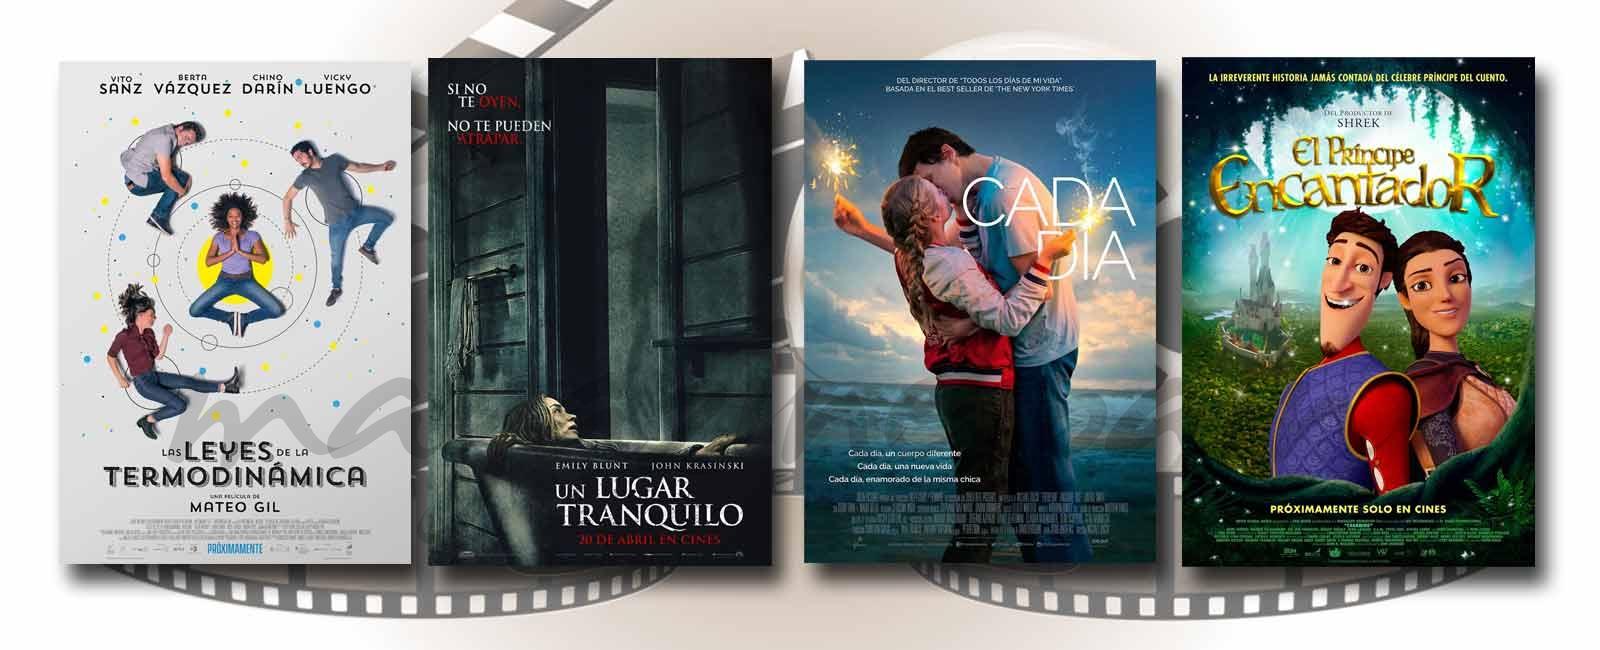 Estrenos de Cine de la Semana… 20 de Abril 2018